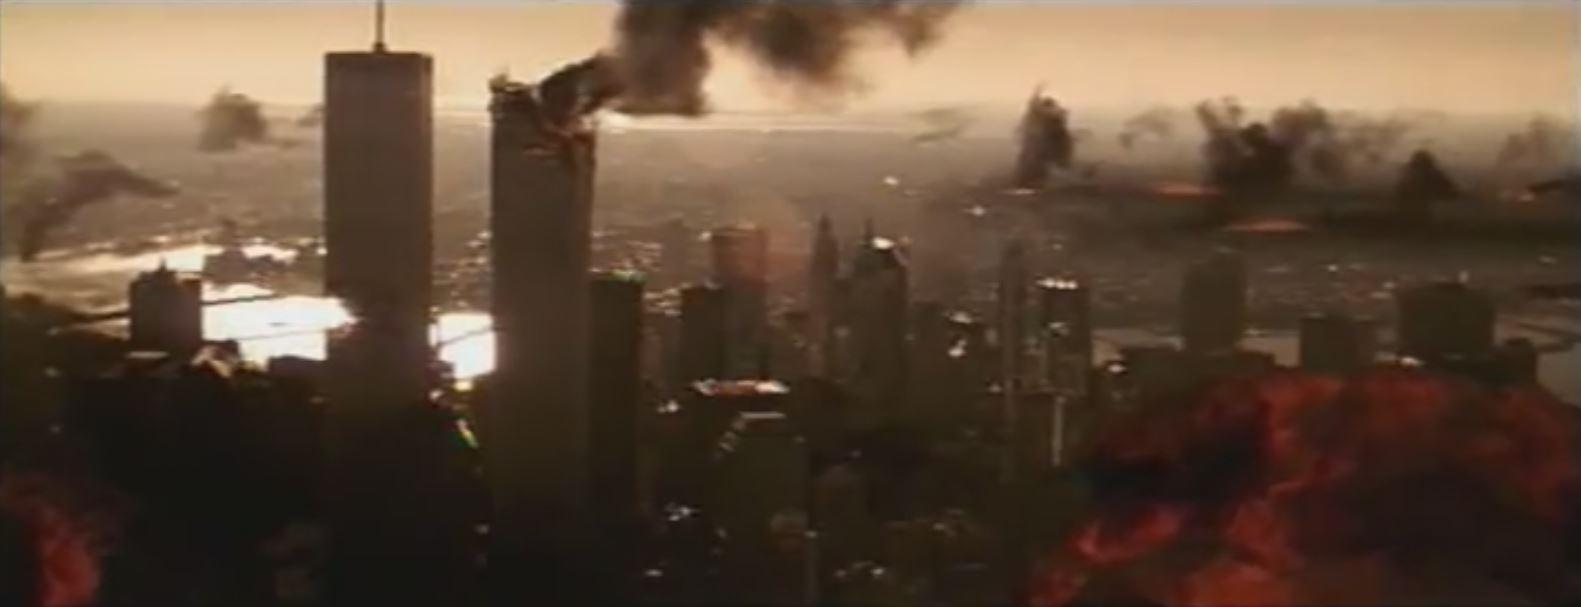 1998 - Im Film Armageddon - Das jüngste Gericht wird das World Trade Center von einem Meteoritenschauer getroffen. Kurz vorher spricht ein Taxifahrer von einer Terroristenbombe.